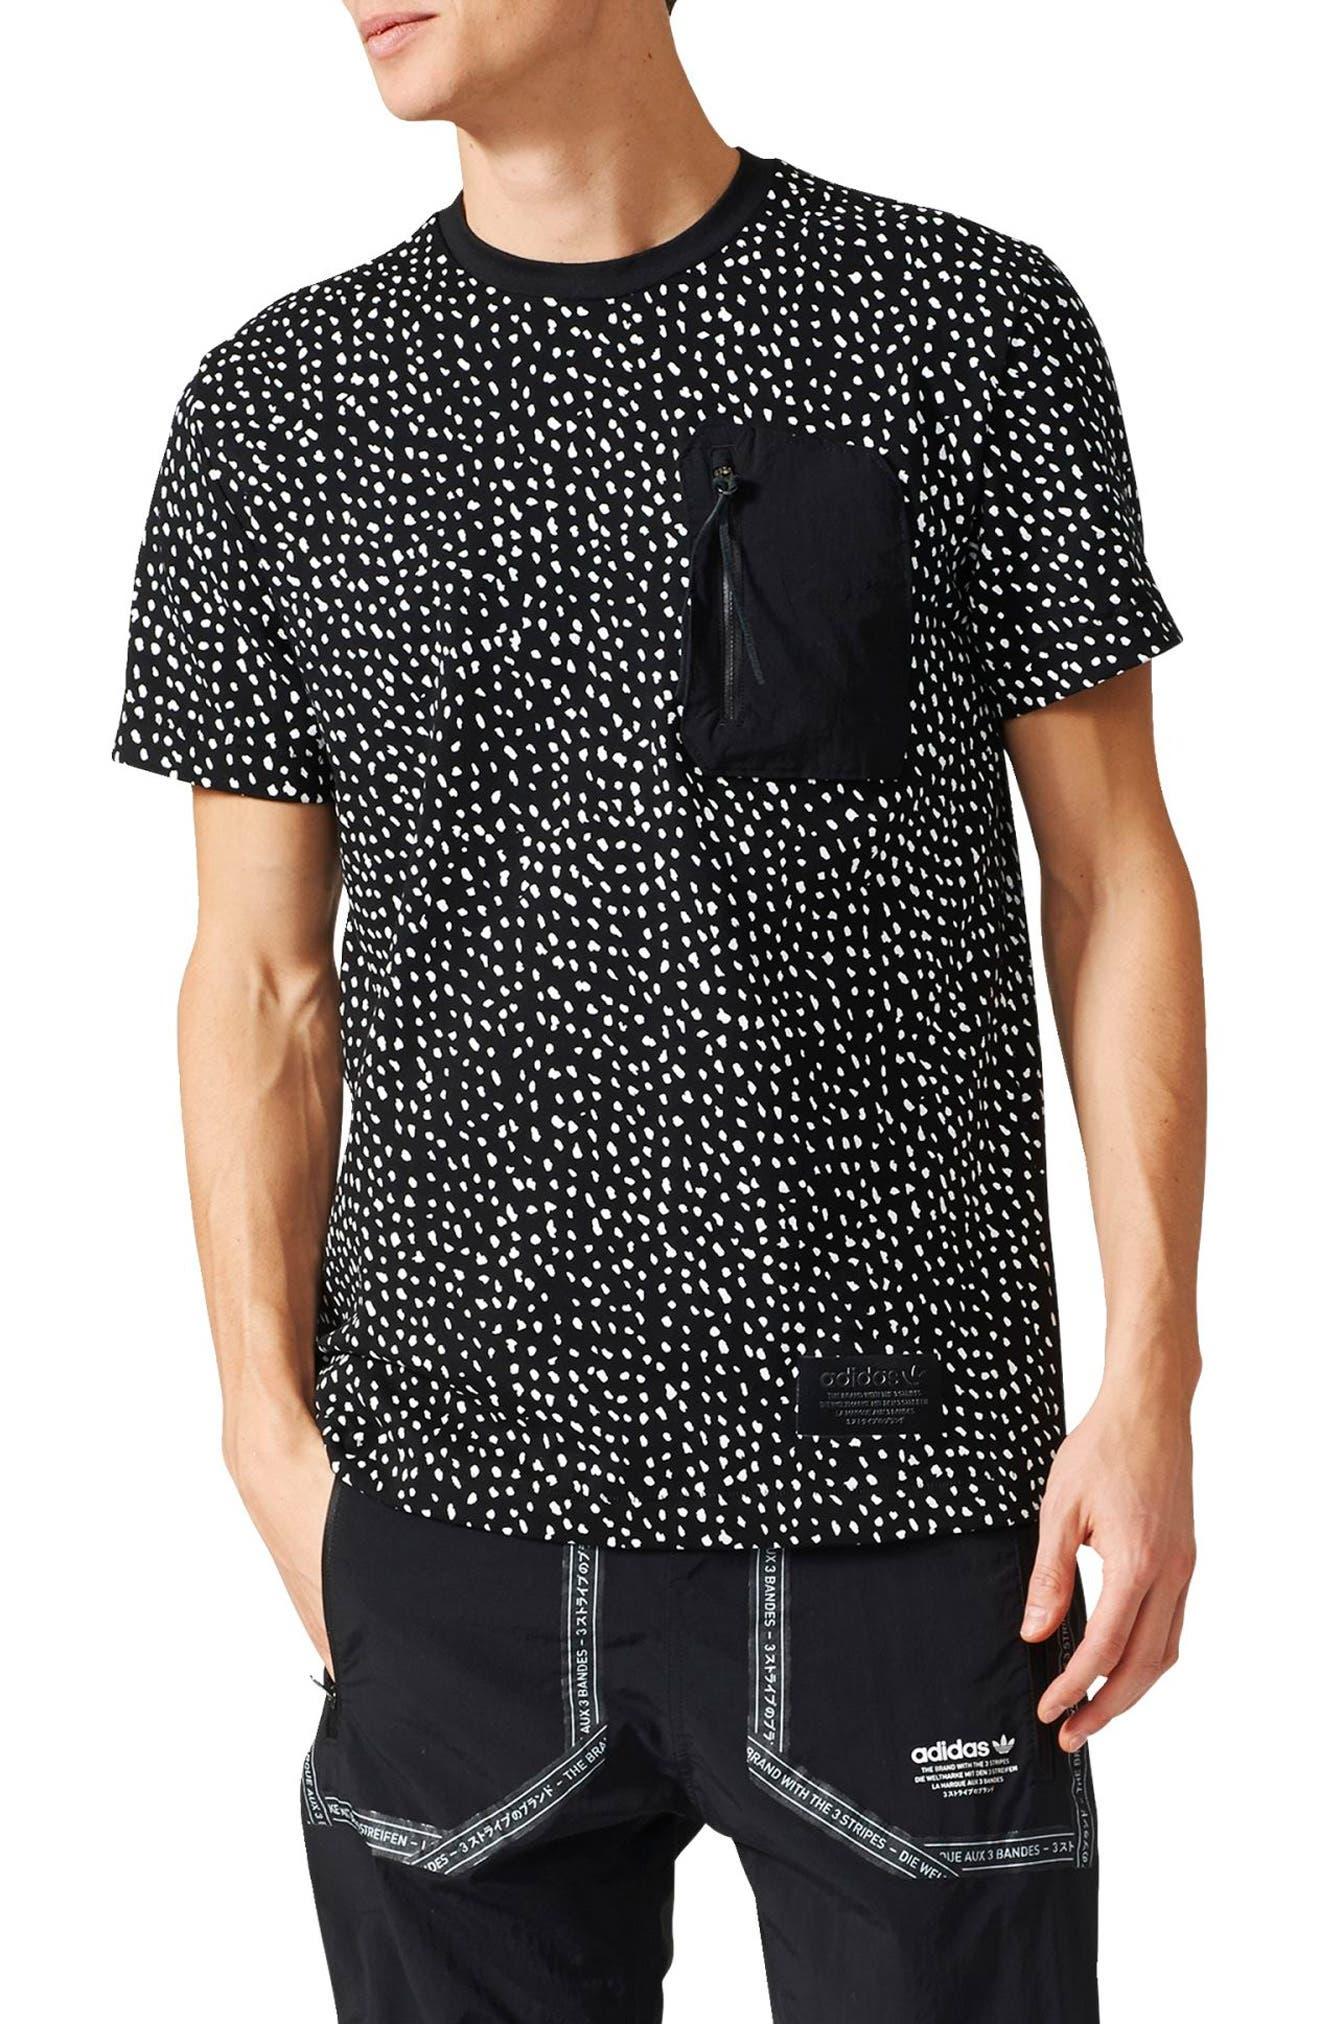 ADIDAS ORIGINALS NMD T-Shirt, Main, color, 001